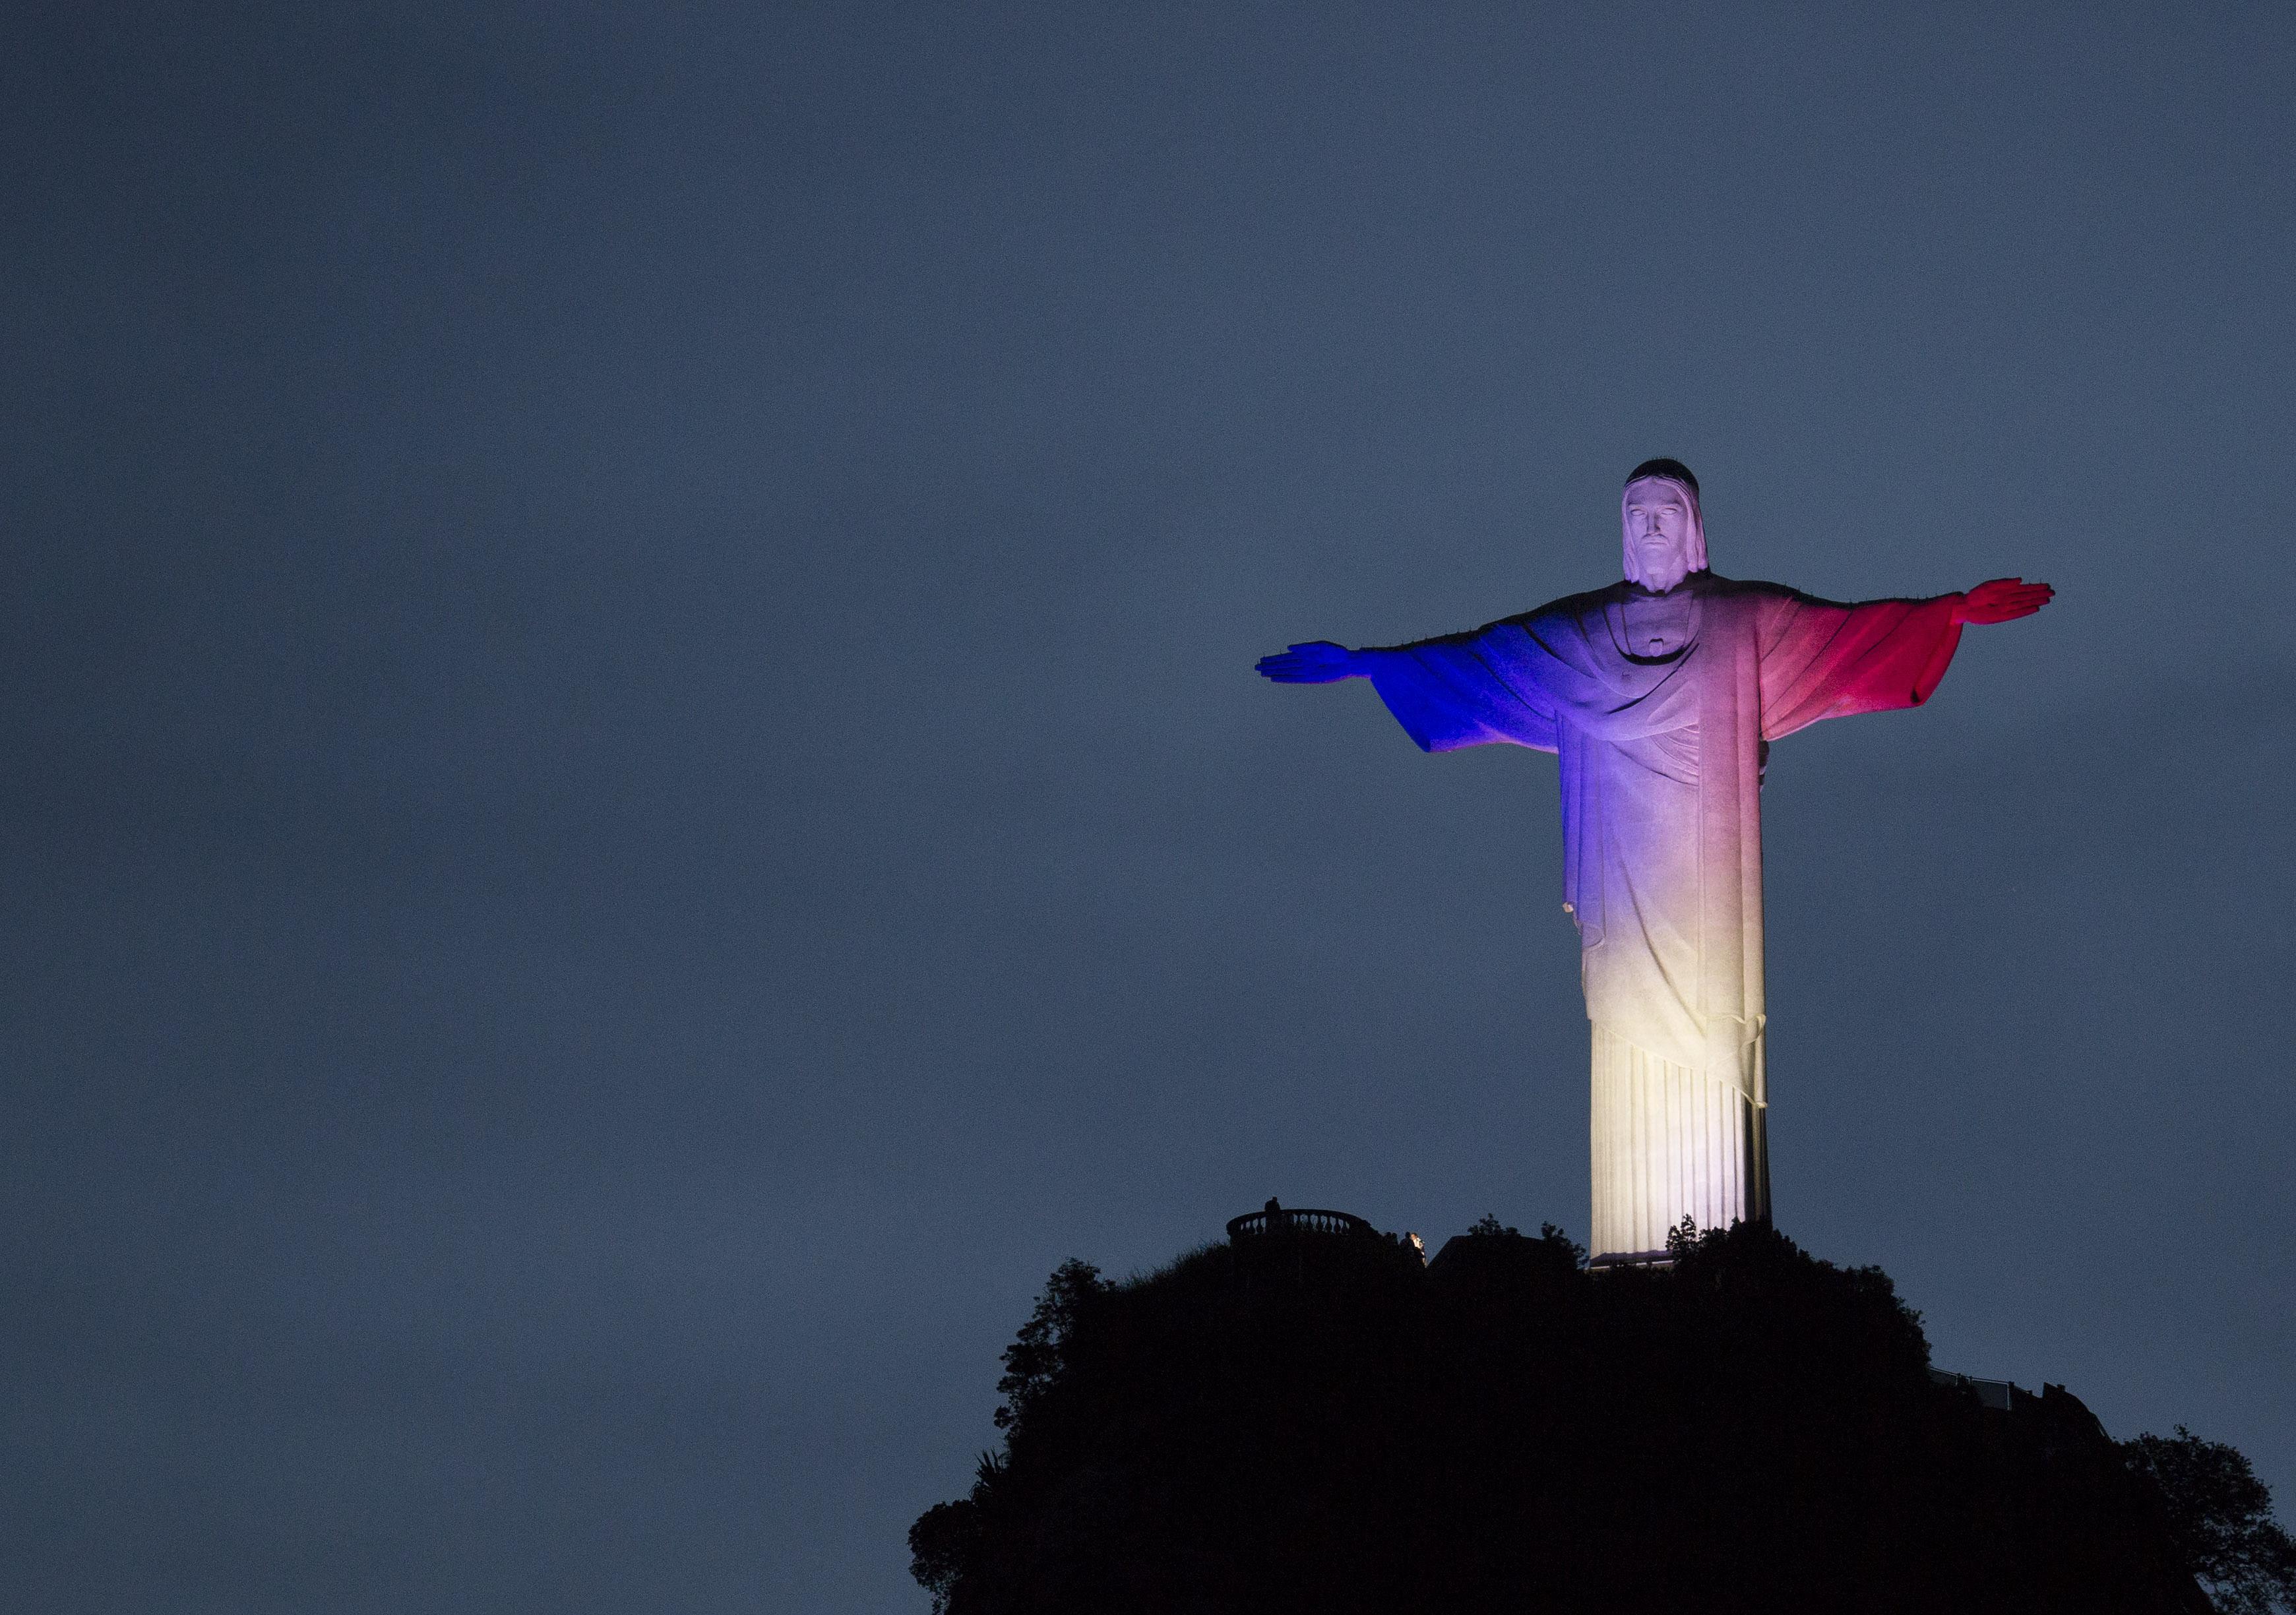 Il Cristo di Rio illuminato con i colori della bandiera francese